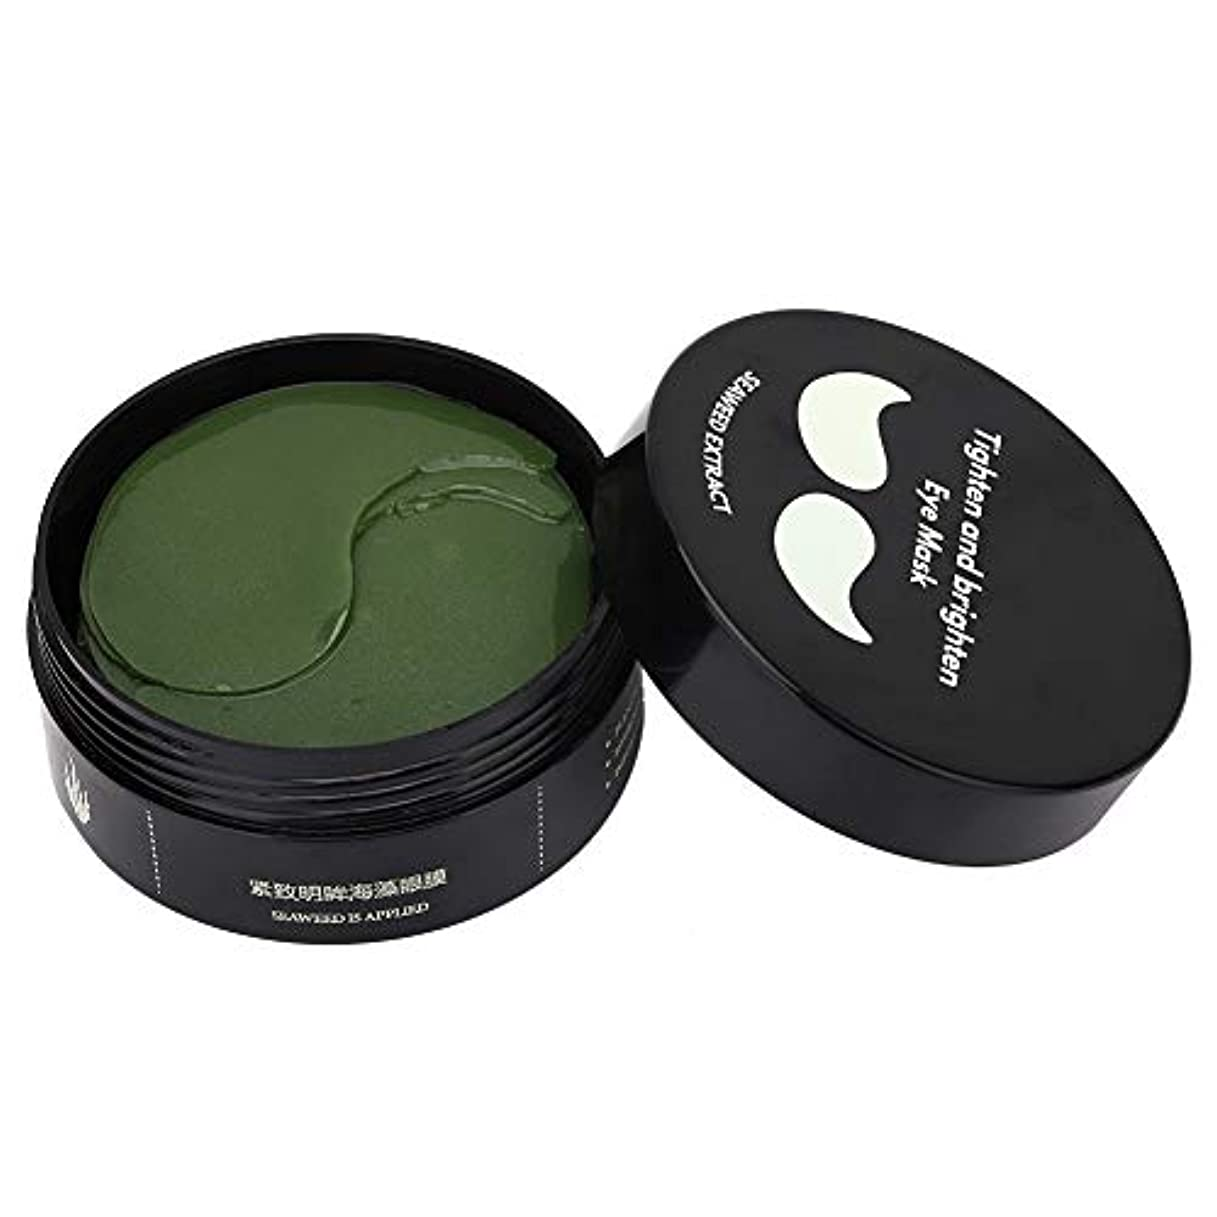 アイジェルマスク、60個/箱緑藻アイジェルマスクしわ防止しわくちゃダークサークル保湿引き締めパット产品標题(タイトル):